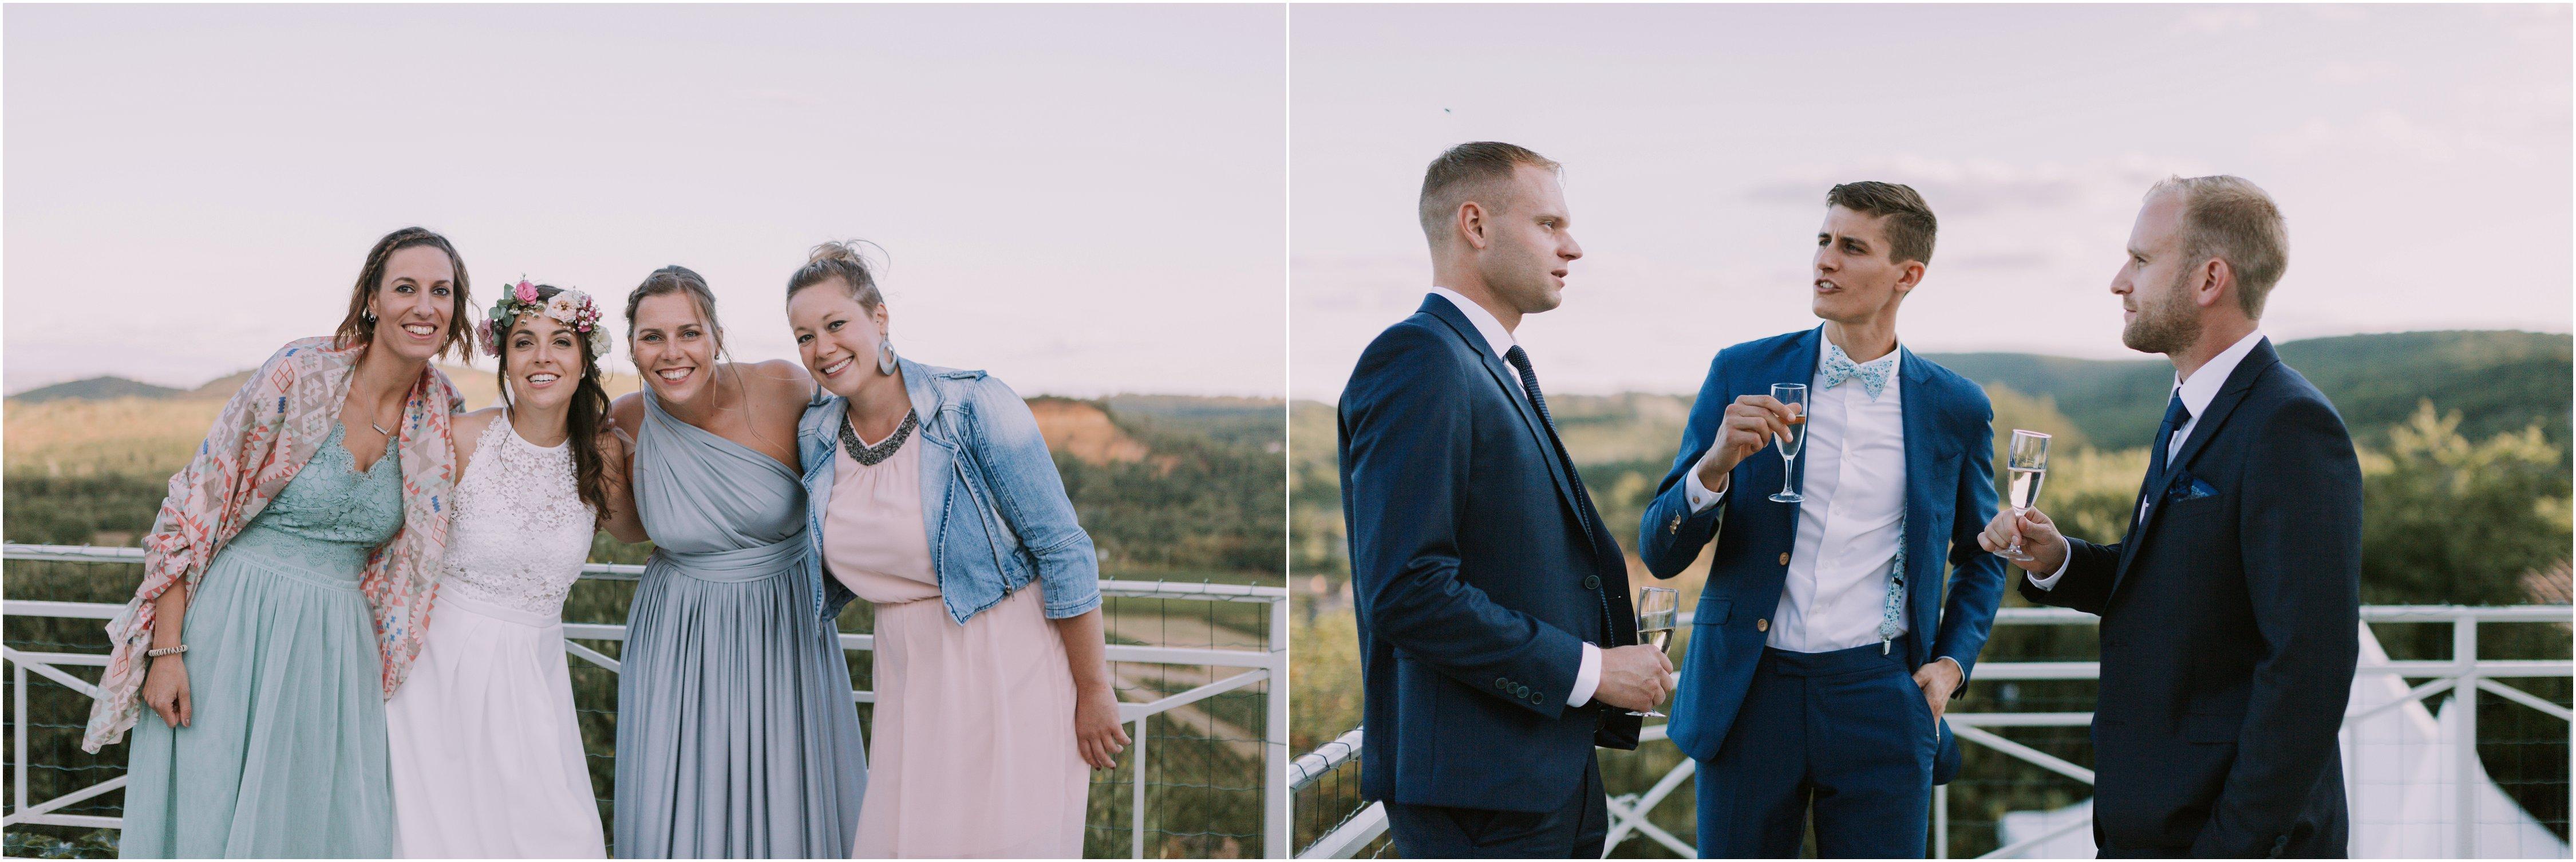 kateryna-photos-mariage-wedding-france-ardeche-domaine-clos-hullias-Saint-Christol-de-Rodière-gard-cevennes_0227.jpg